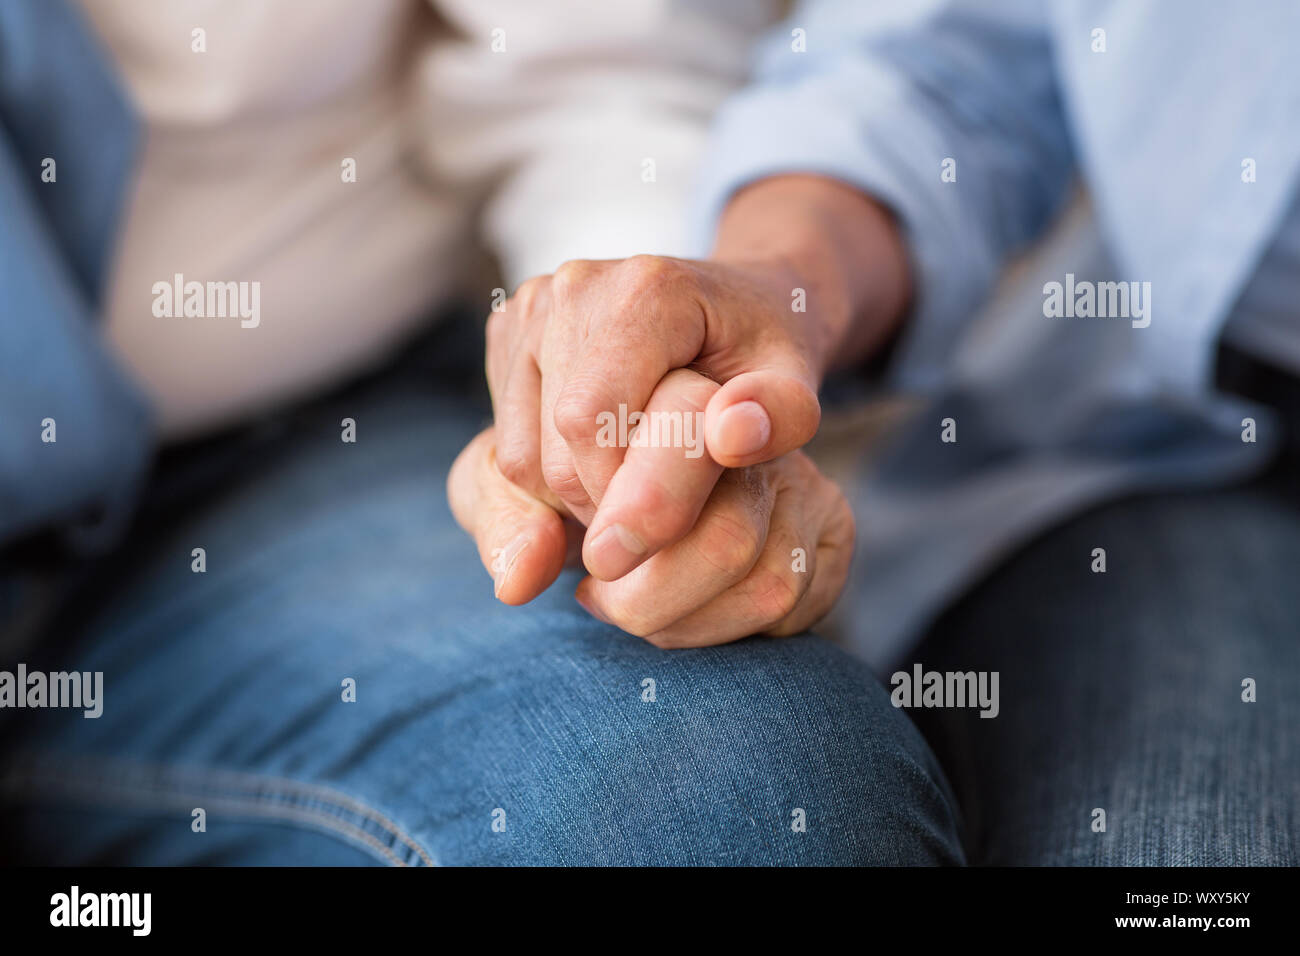 Concepto de amor y apoyo. Las parejas ancianas manos tiernamente. Foto de stock